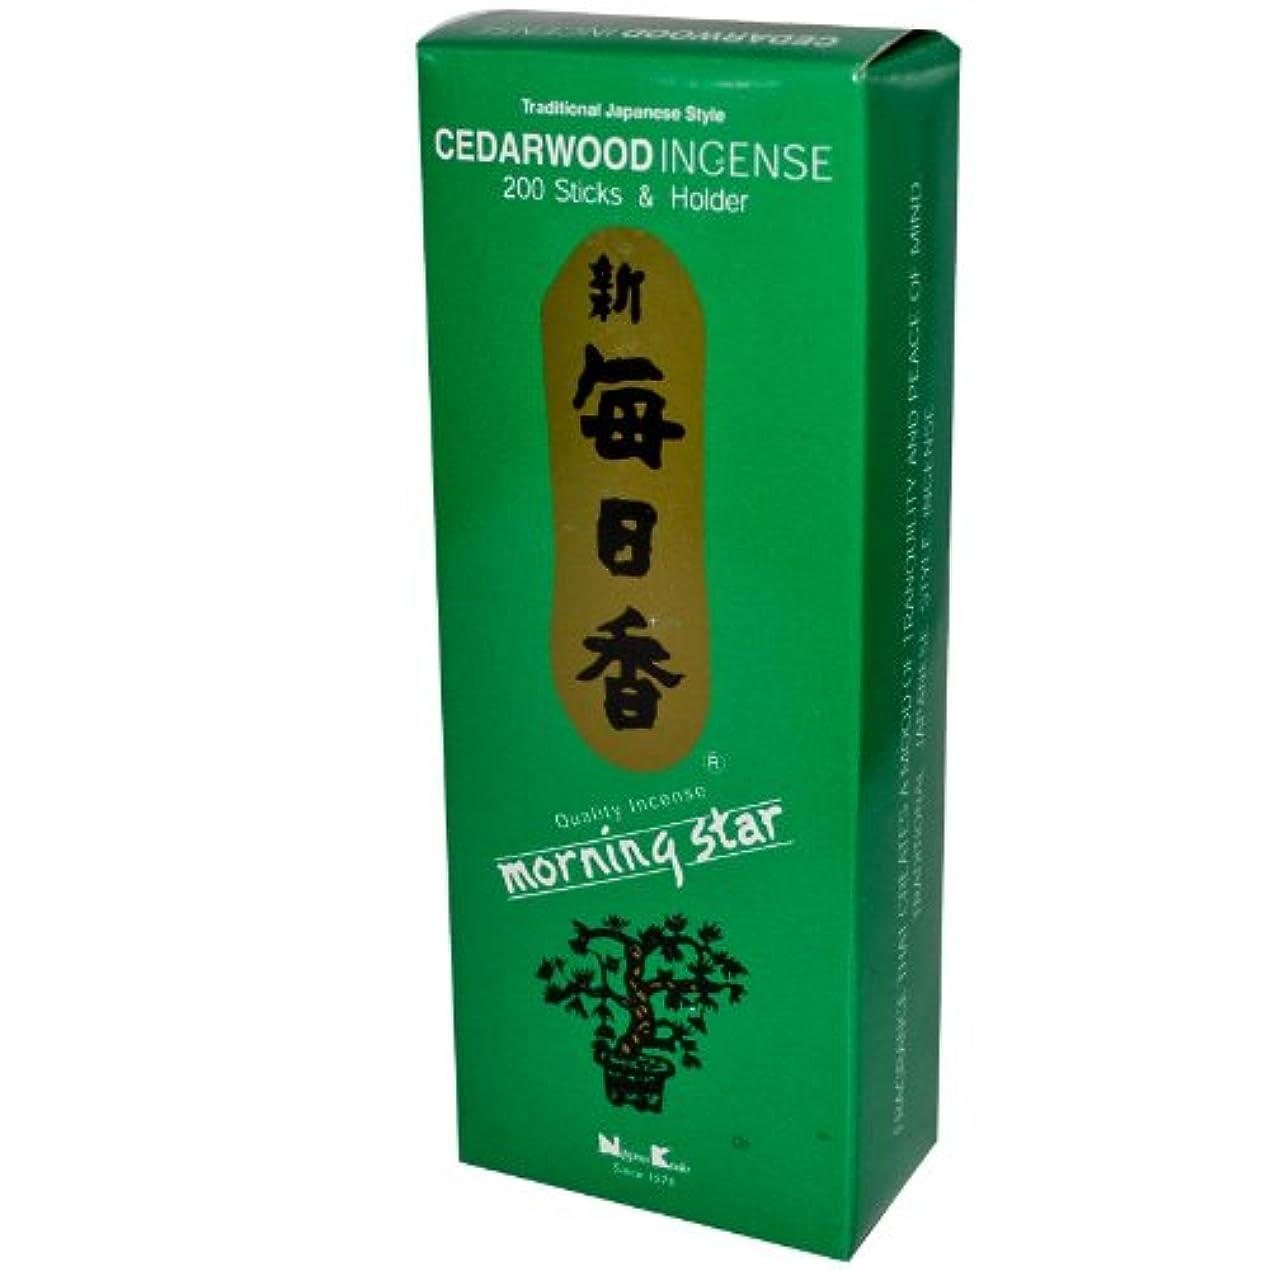 監督するおとうさん有利(1, Green) - Morning Star, Cedarwood Incense, 200 Sticks & Holder